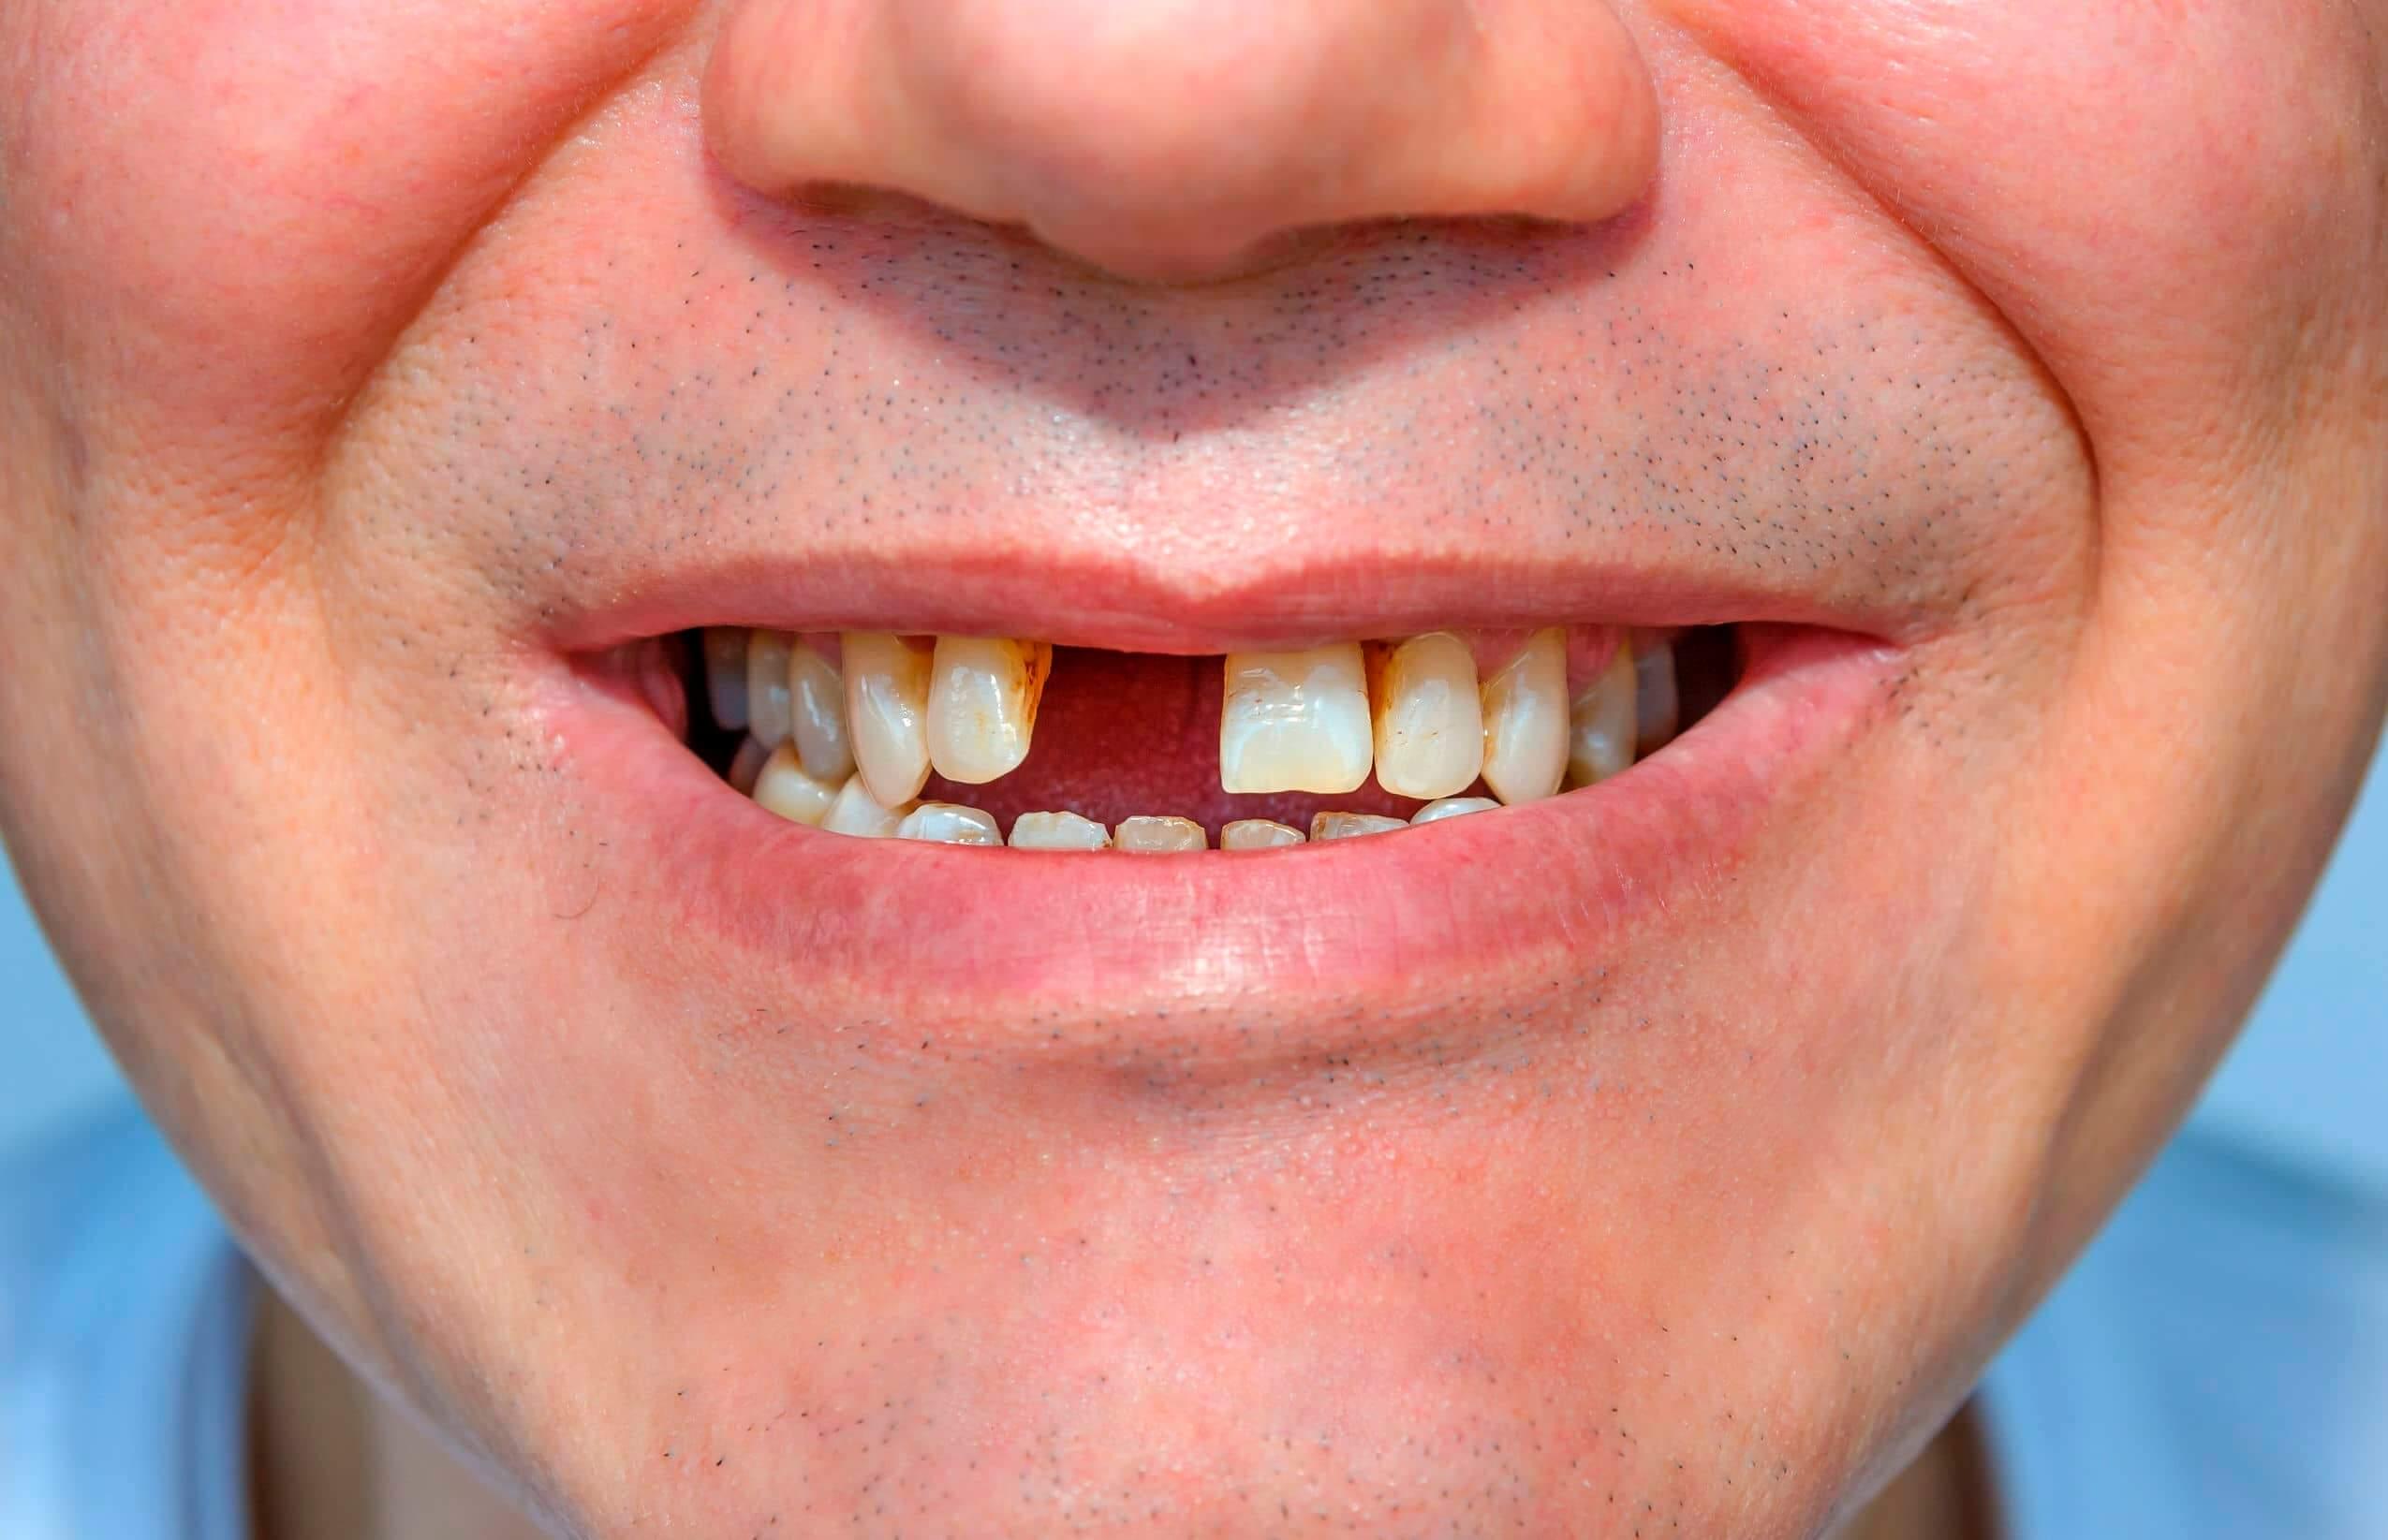 pérdida d dientes, sin un diente,